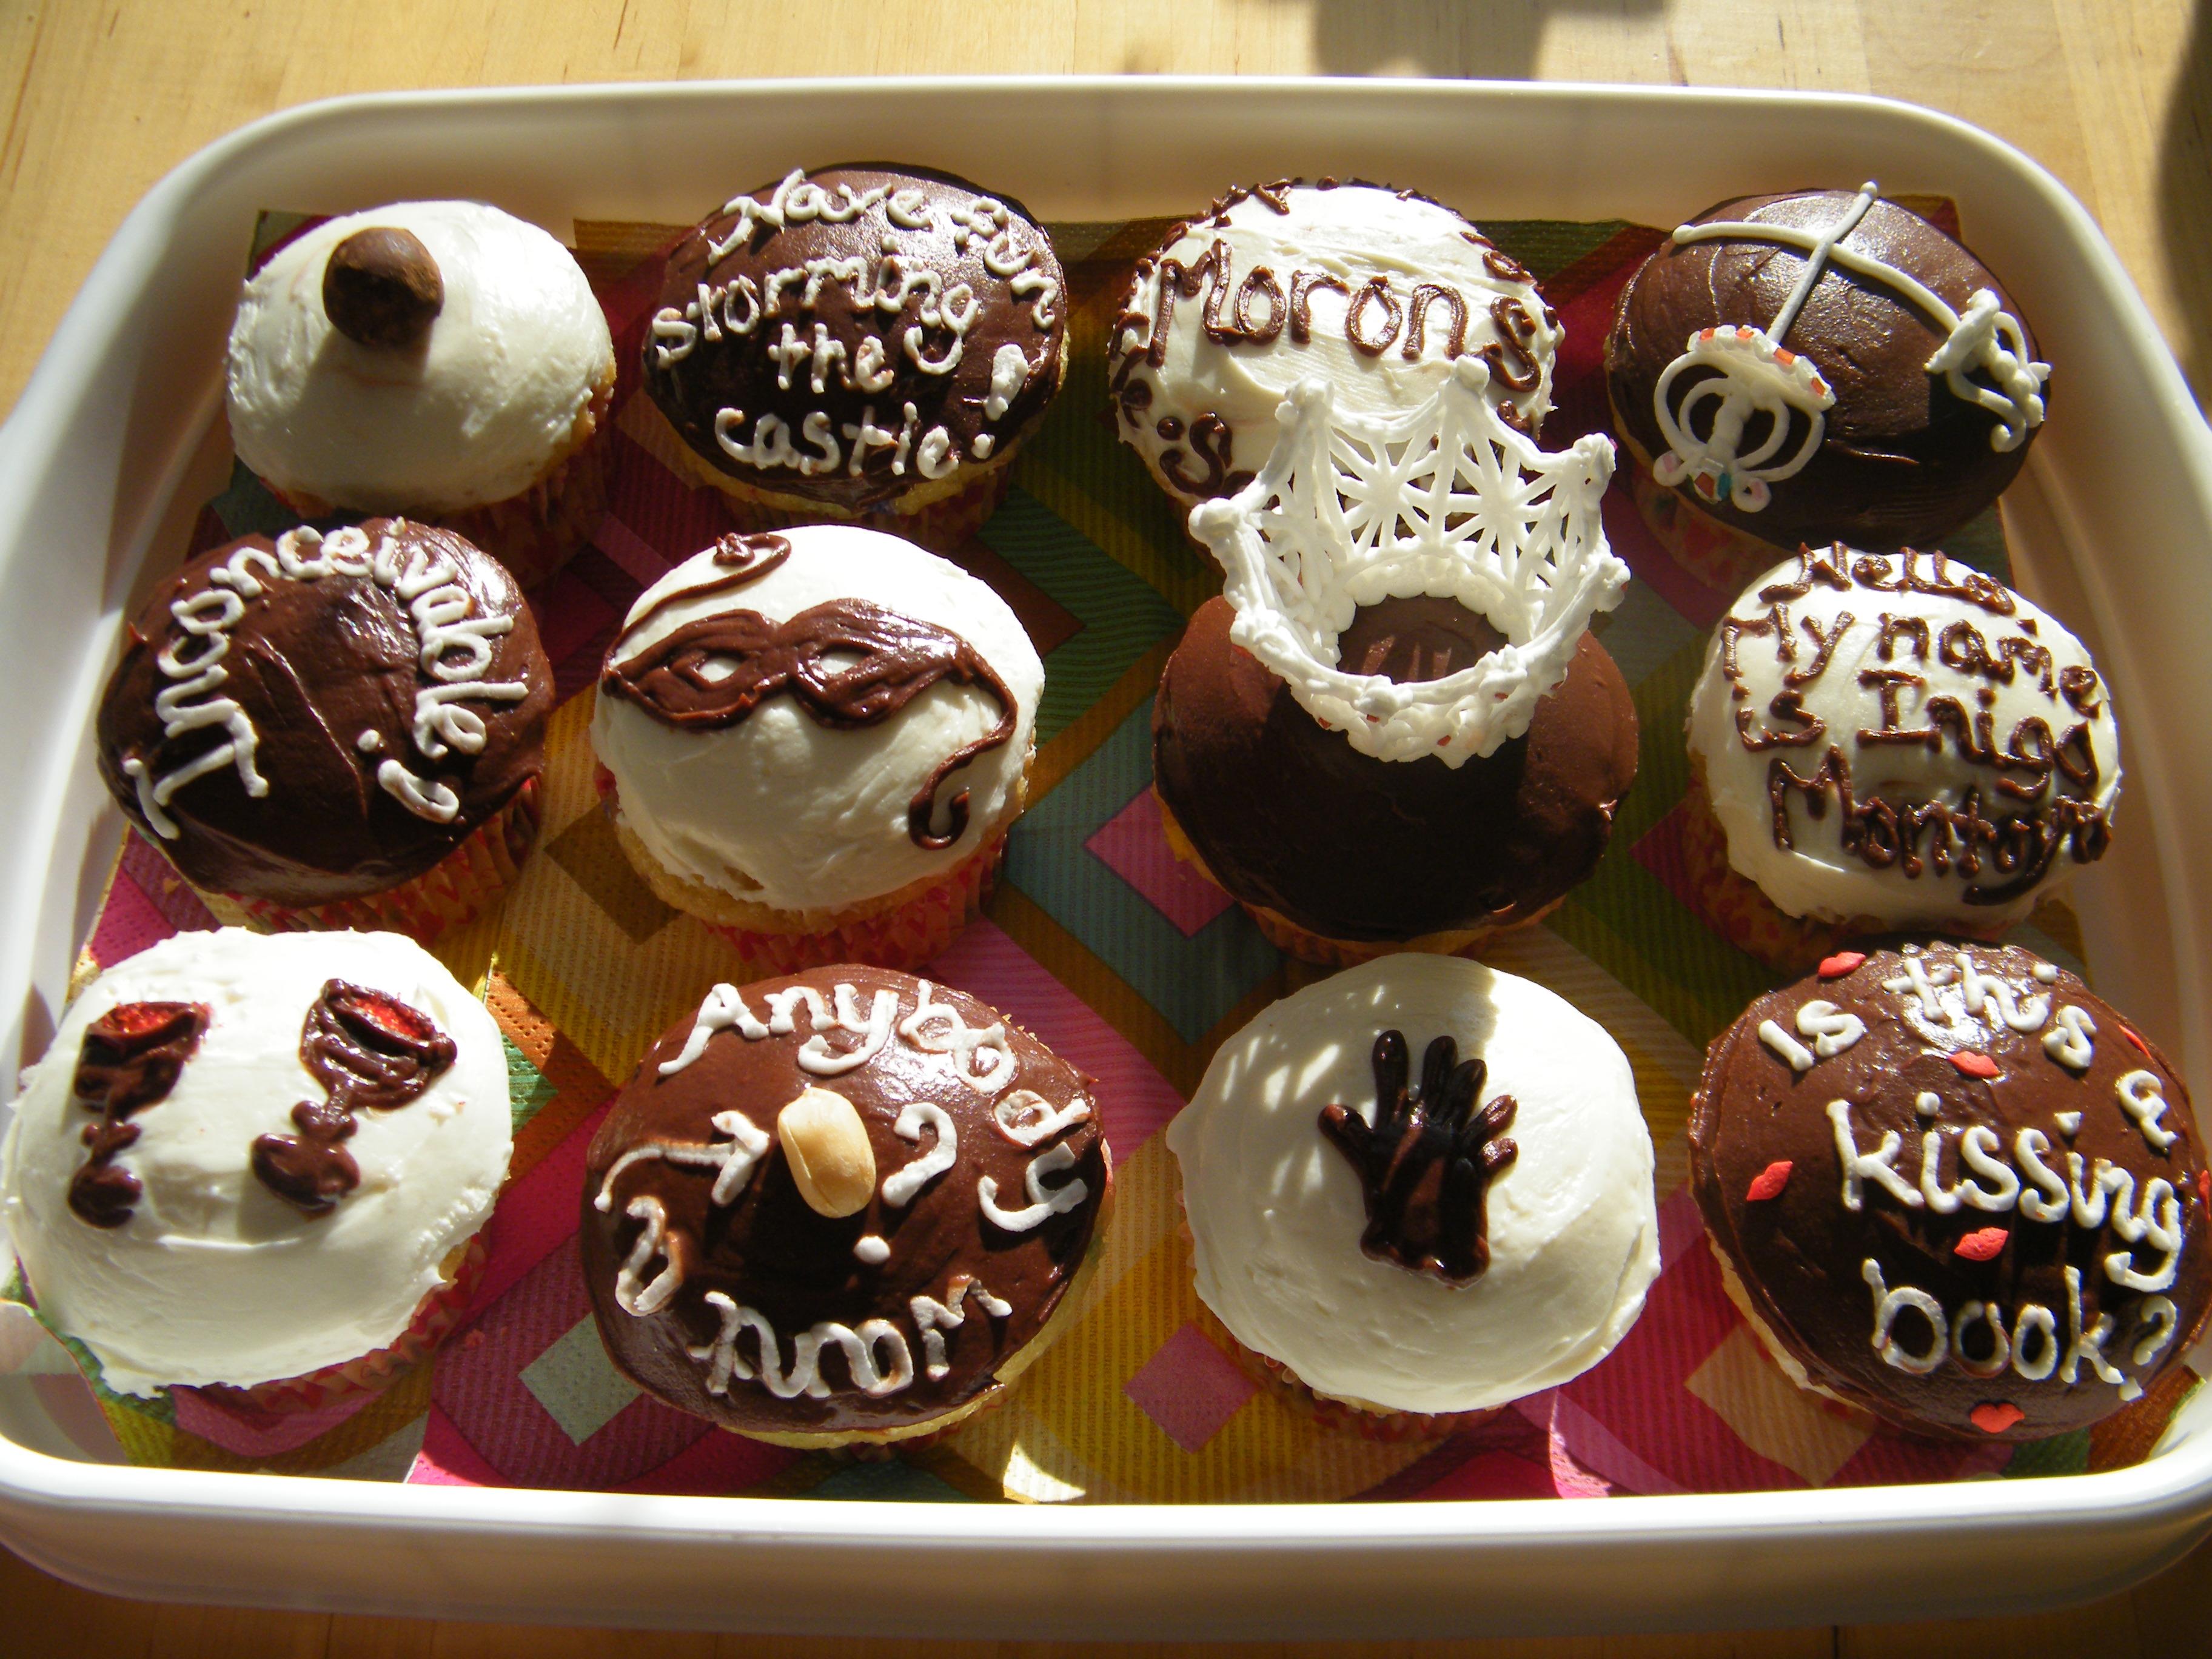 Princess Bride Cupcakes Menu Plan Monday January 18 2010